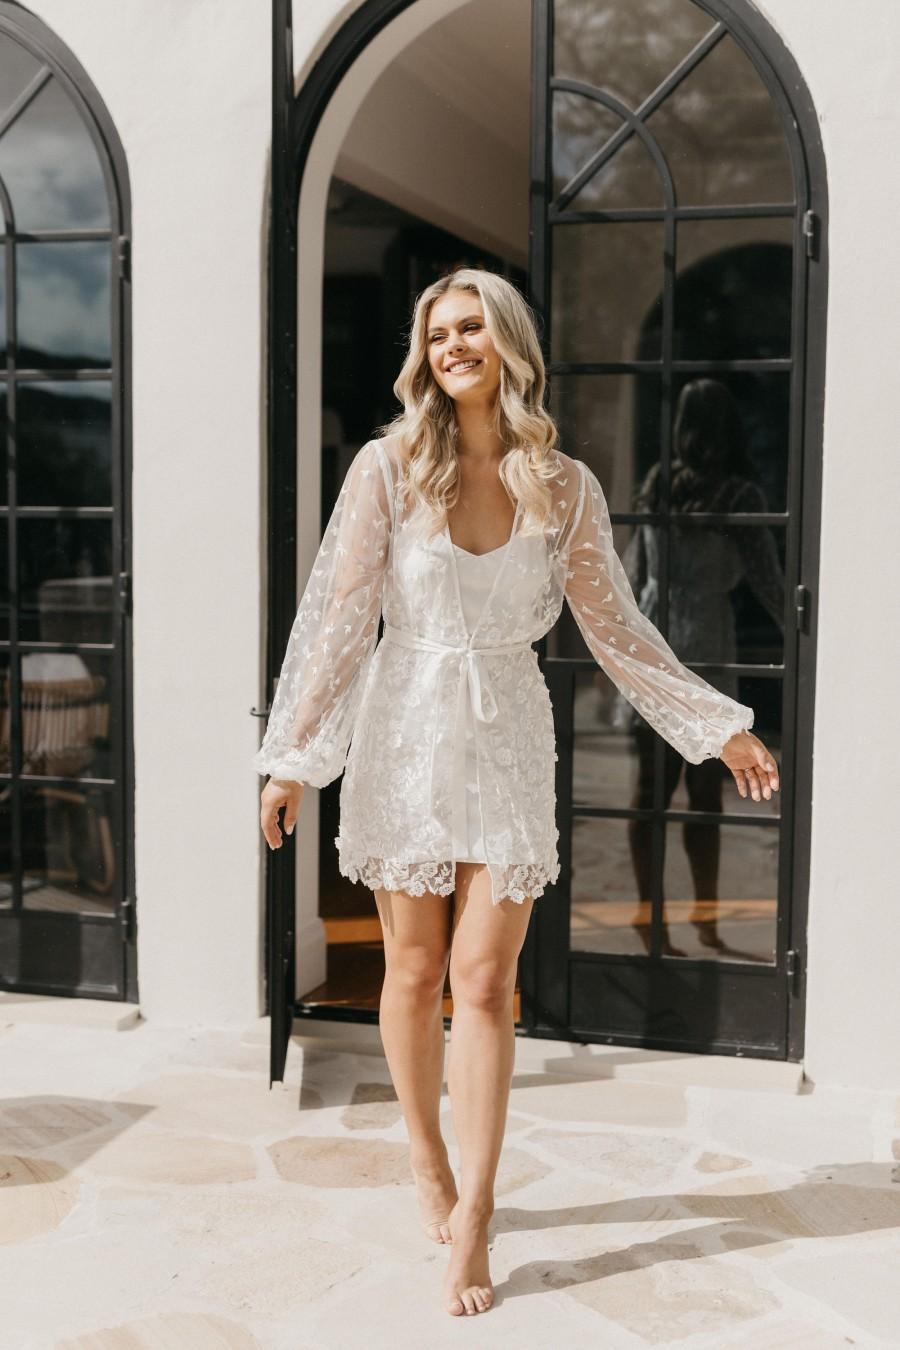 Wedding - Lace Robe / Lace Bridal Robe / Bridesmaid Robes / Robe / Bridal Robe / Bride Robe / Bridal Party Robes / MAYA